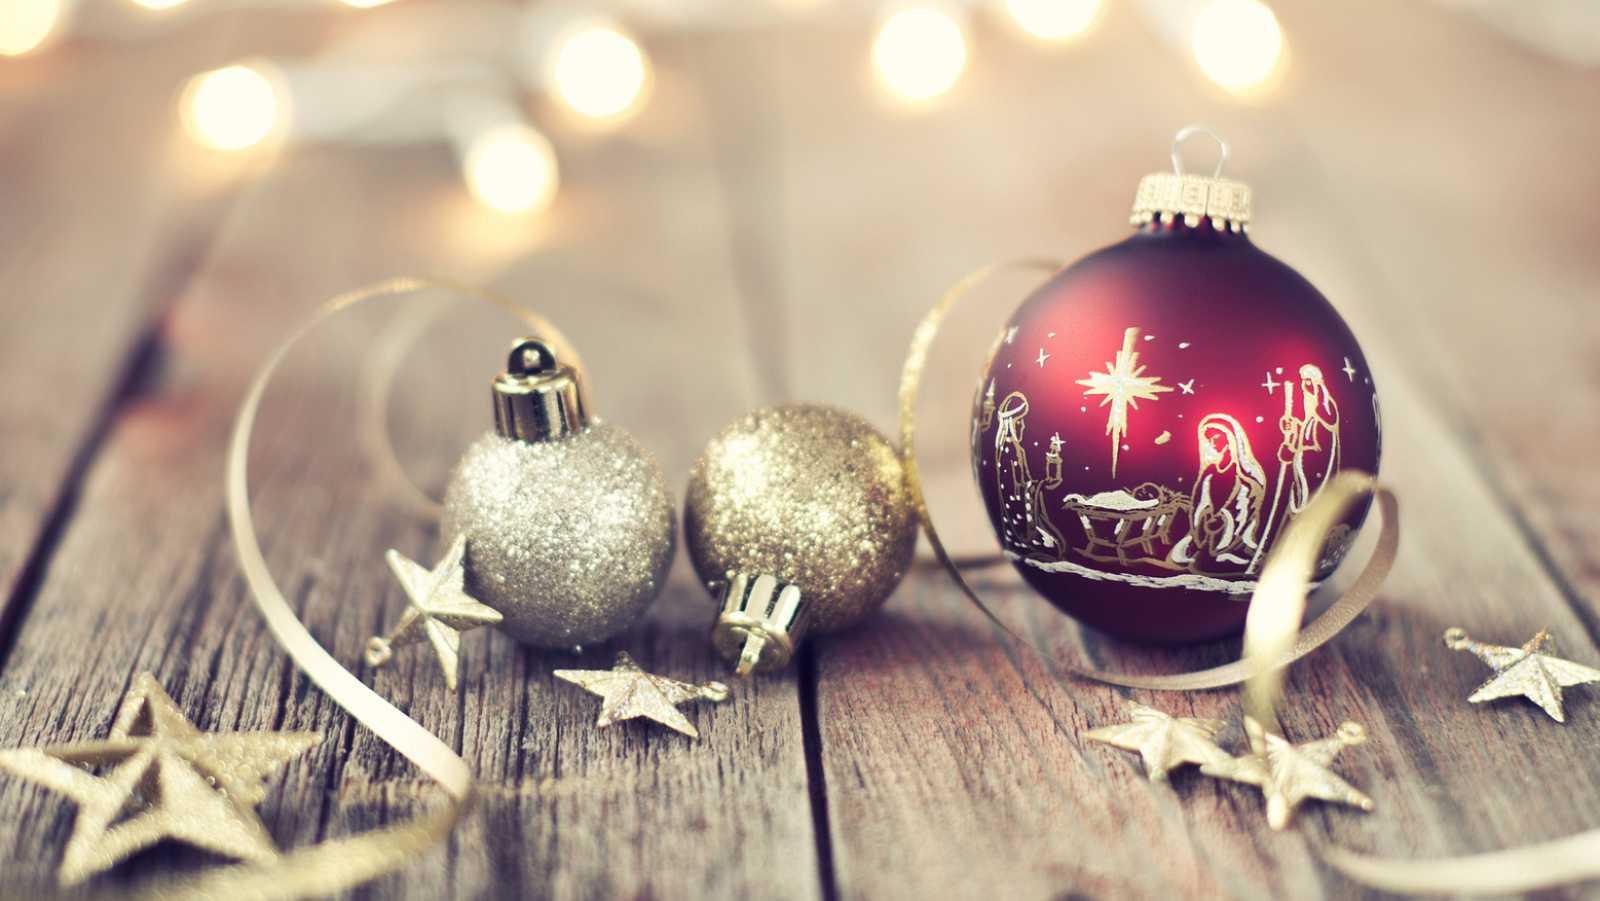 Punto de enlace - La simbología de la Navidad - 21/12/20 - Escuchar ahora